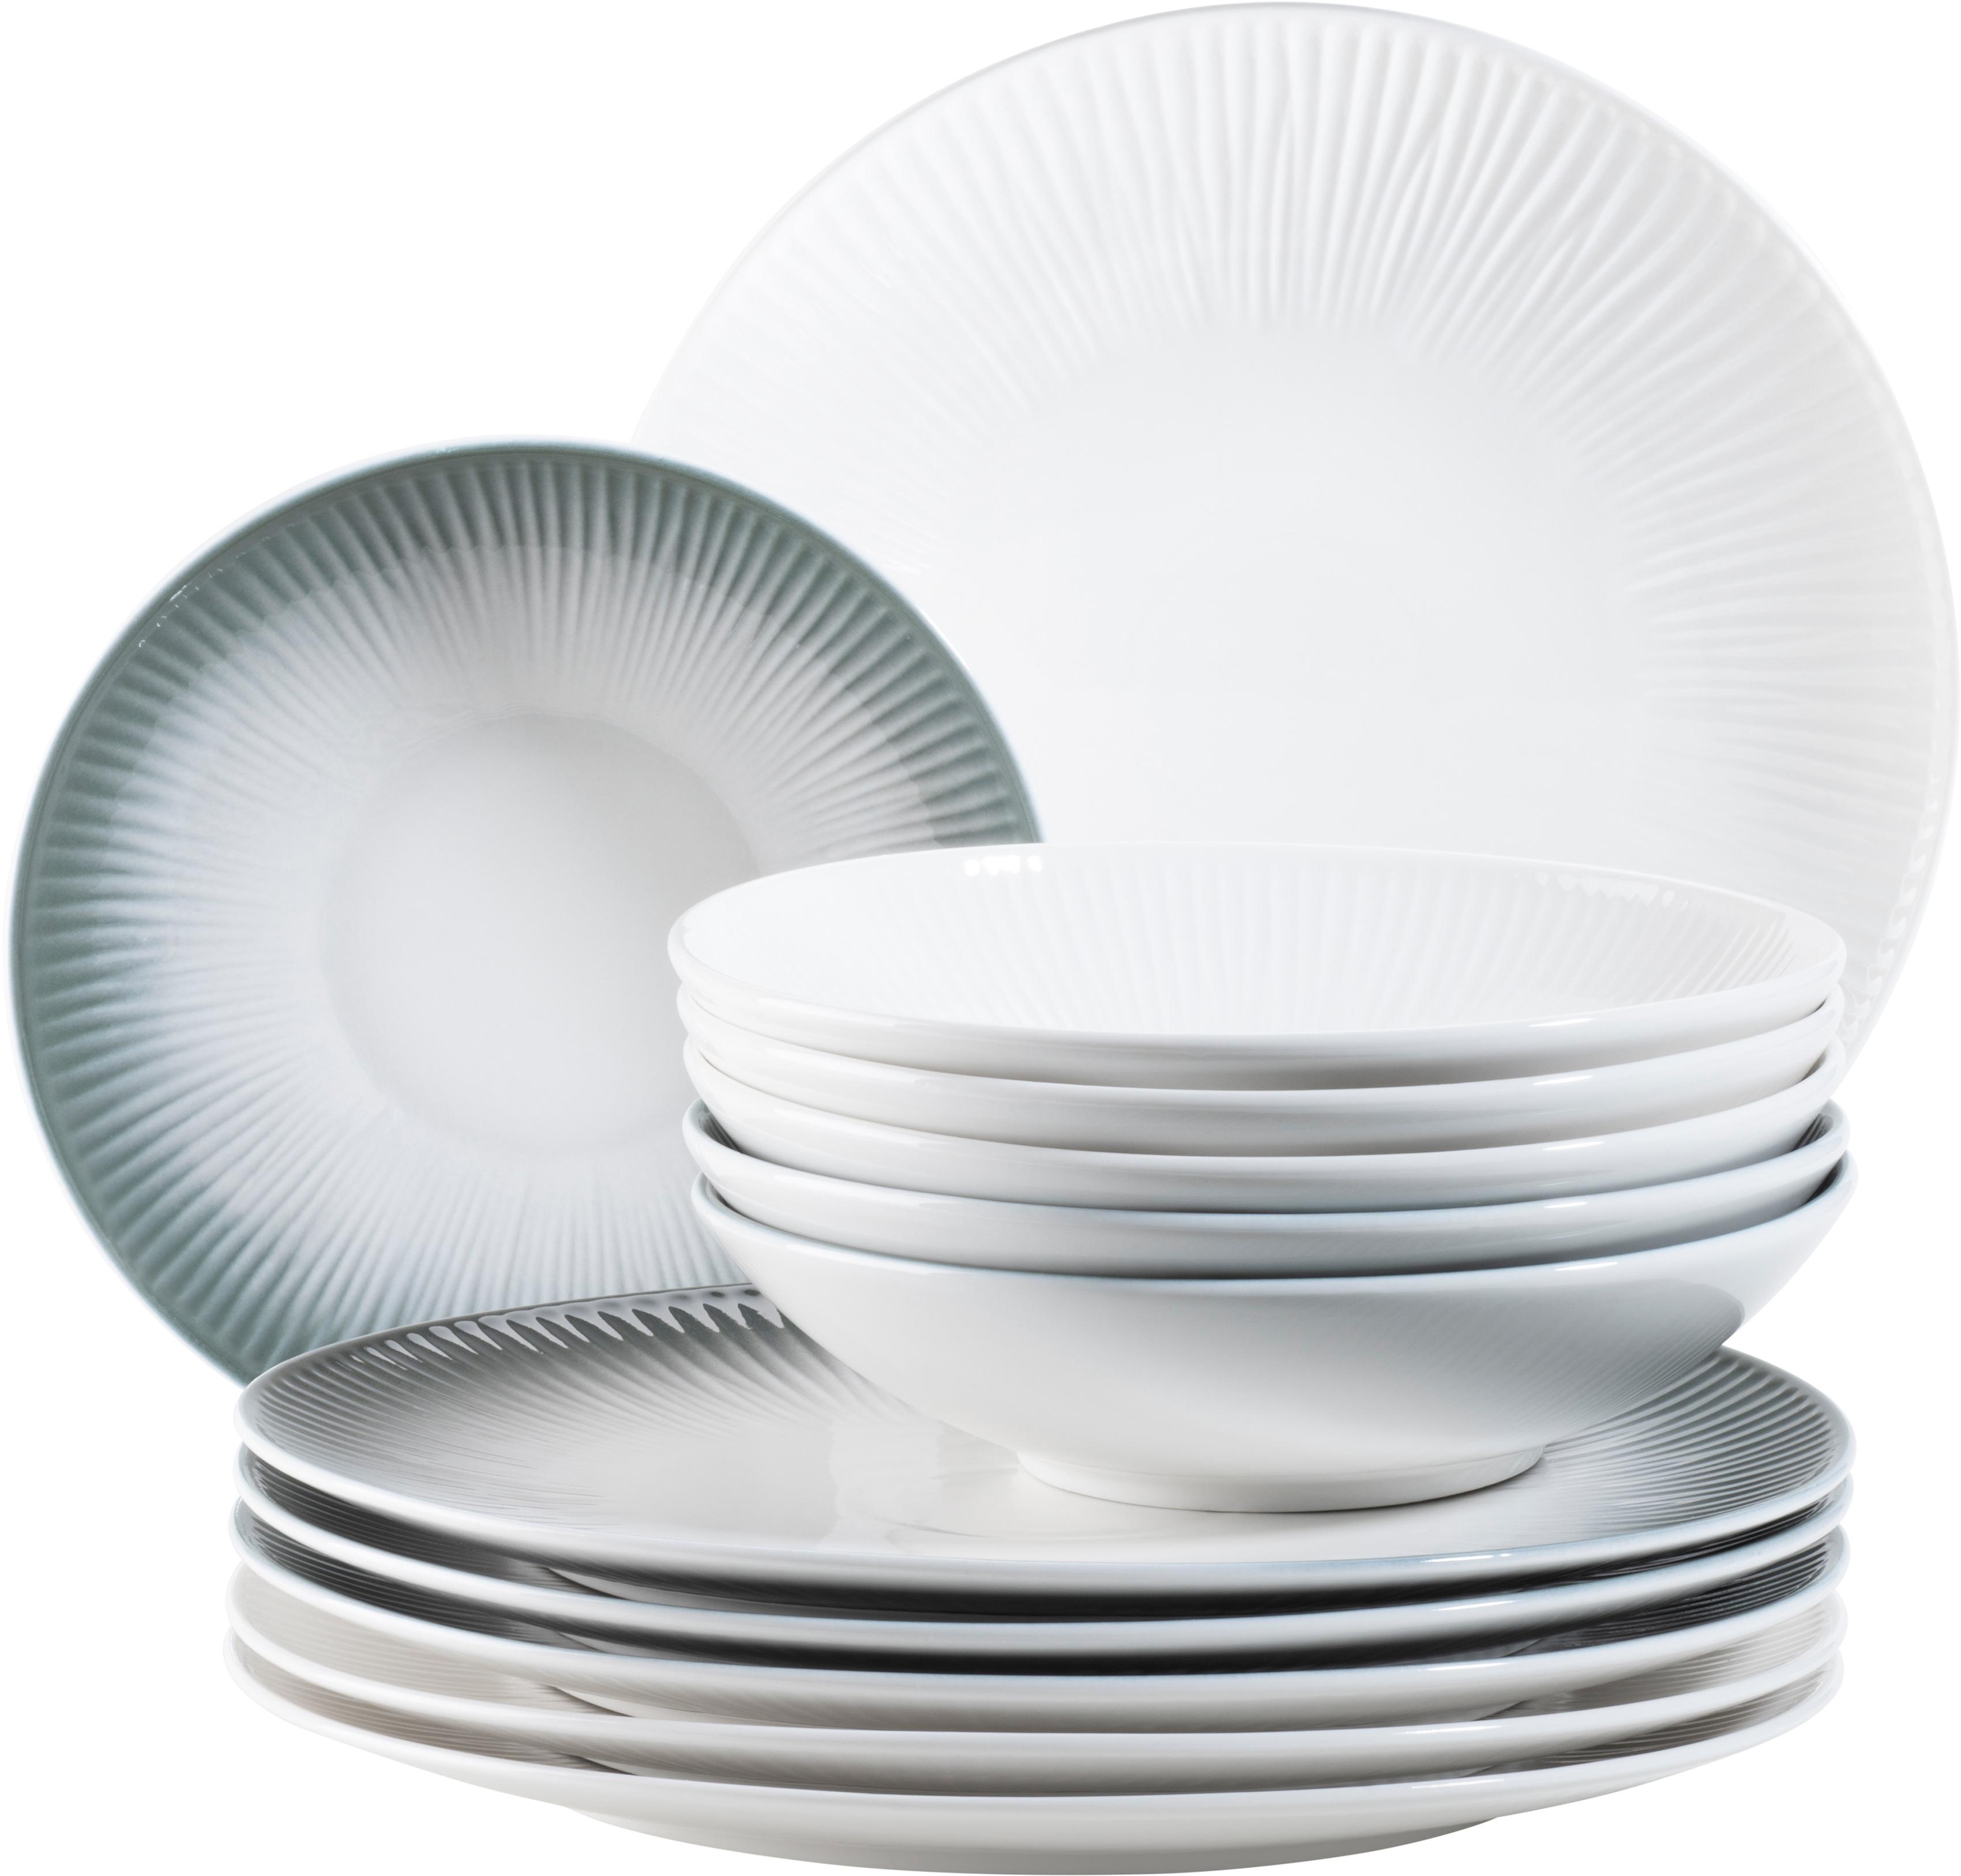 MÄSER Tafelservice Dalia, (Set, 12 tlg.), Vintage-Look, grau/weiß grau Geschirr-Sets Geschirr, Porzellan Tischaccessoires Haushaltswaren